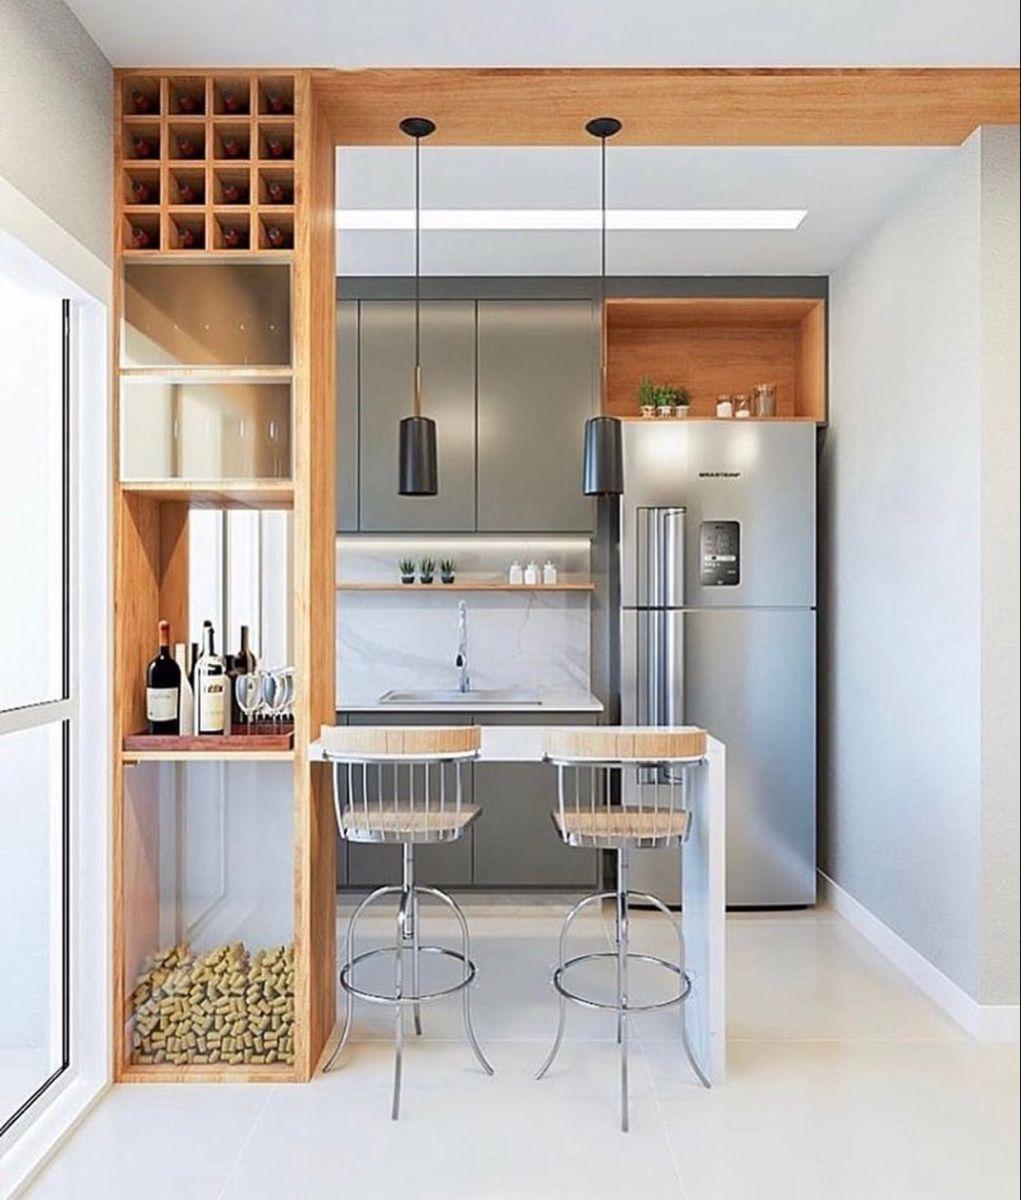 E quando a cozinha é pequena, como decorar